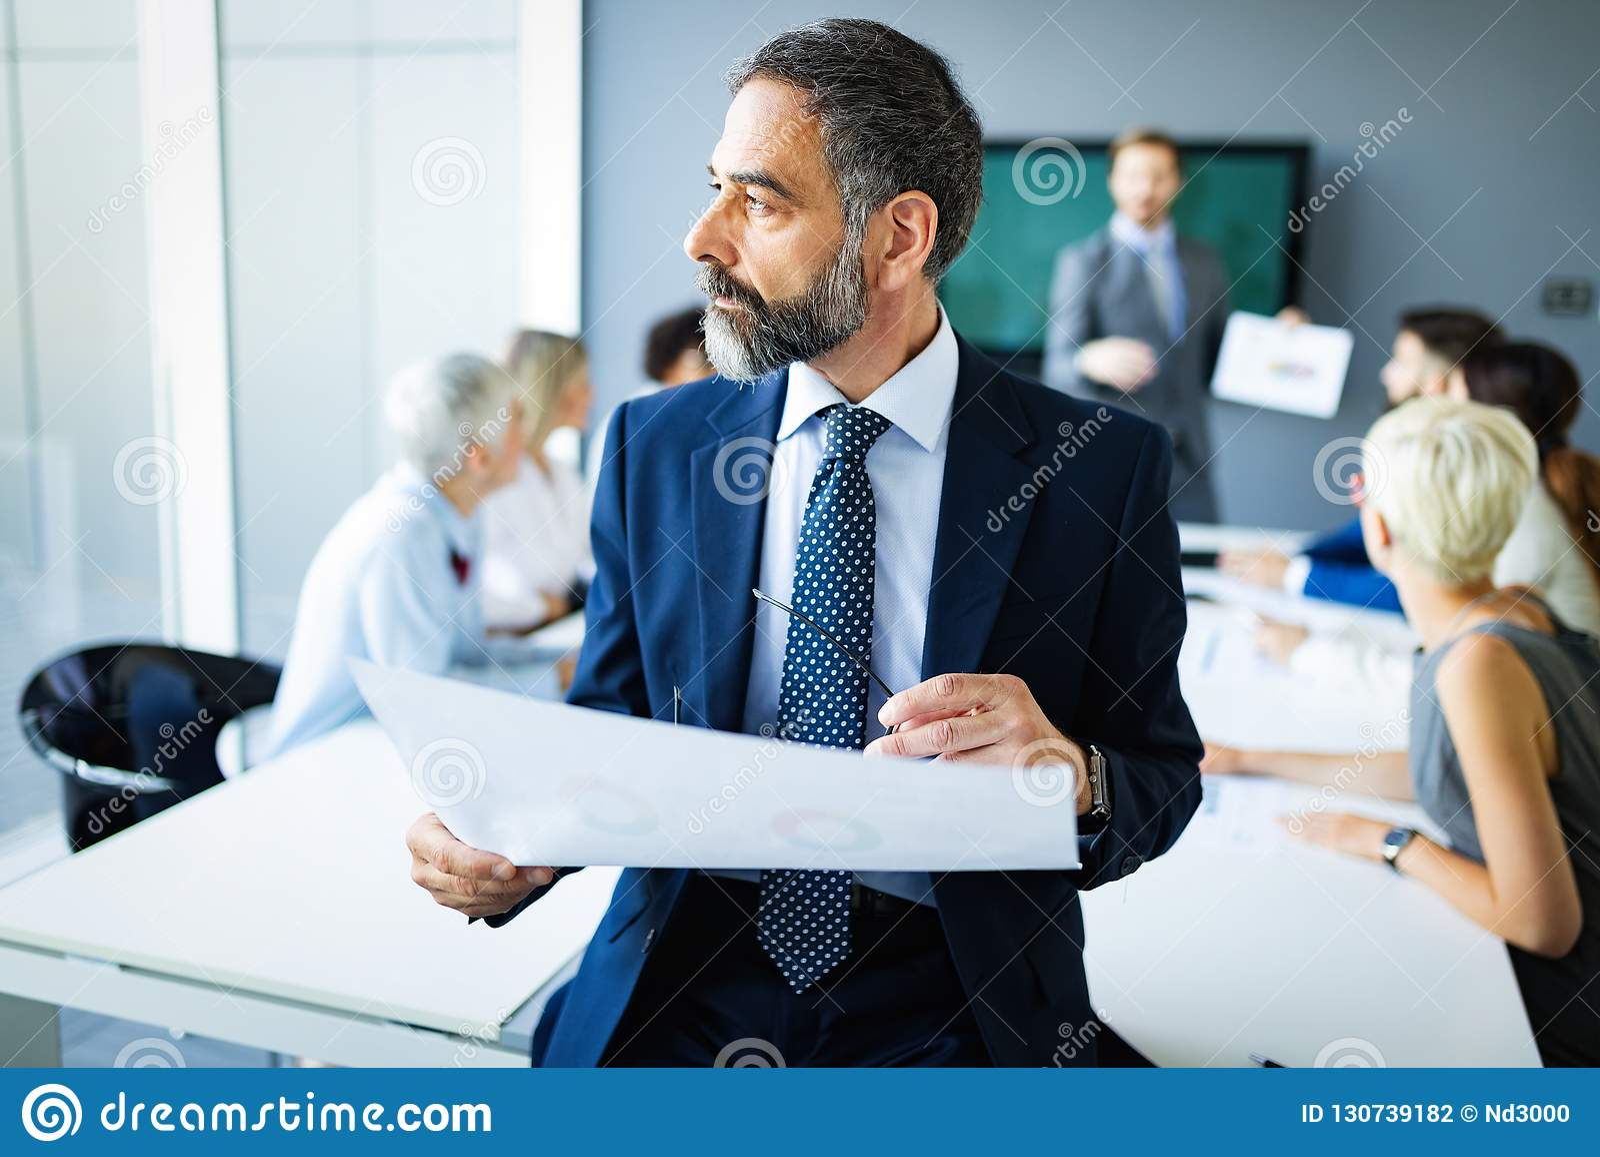 Встреча концепции офиса сыгранности метода мозгового штурма успеха дела корпоративной